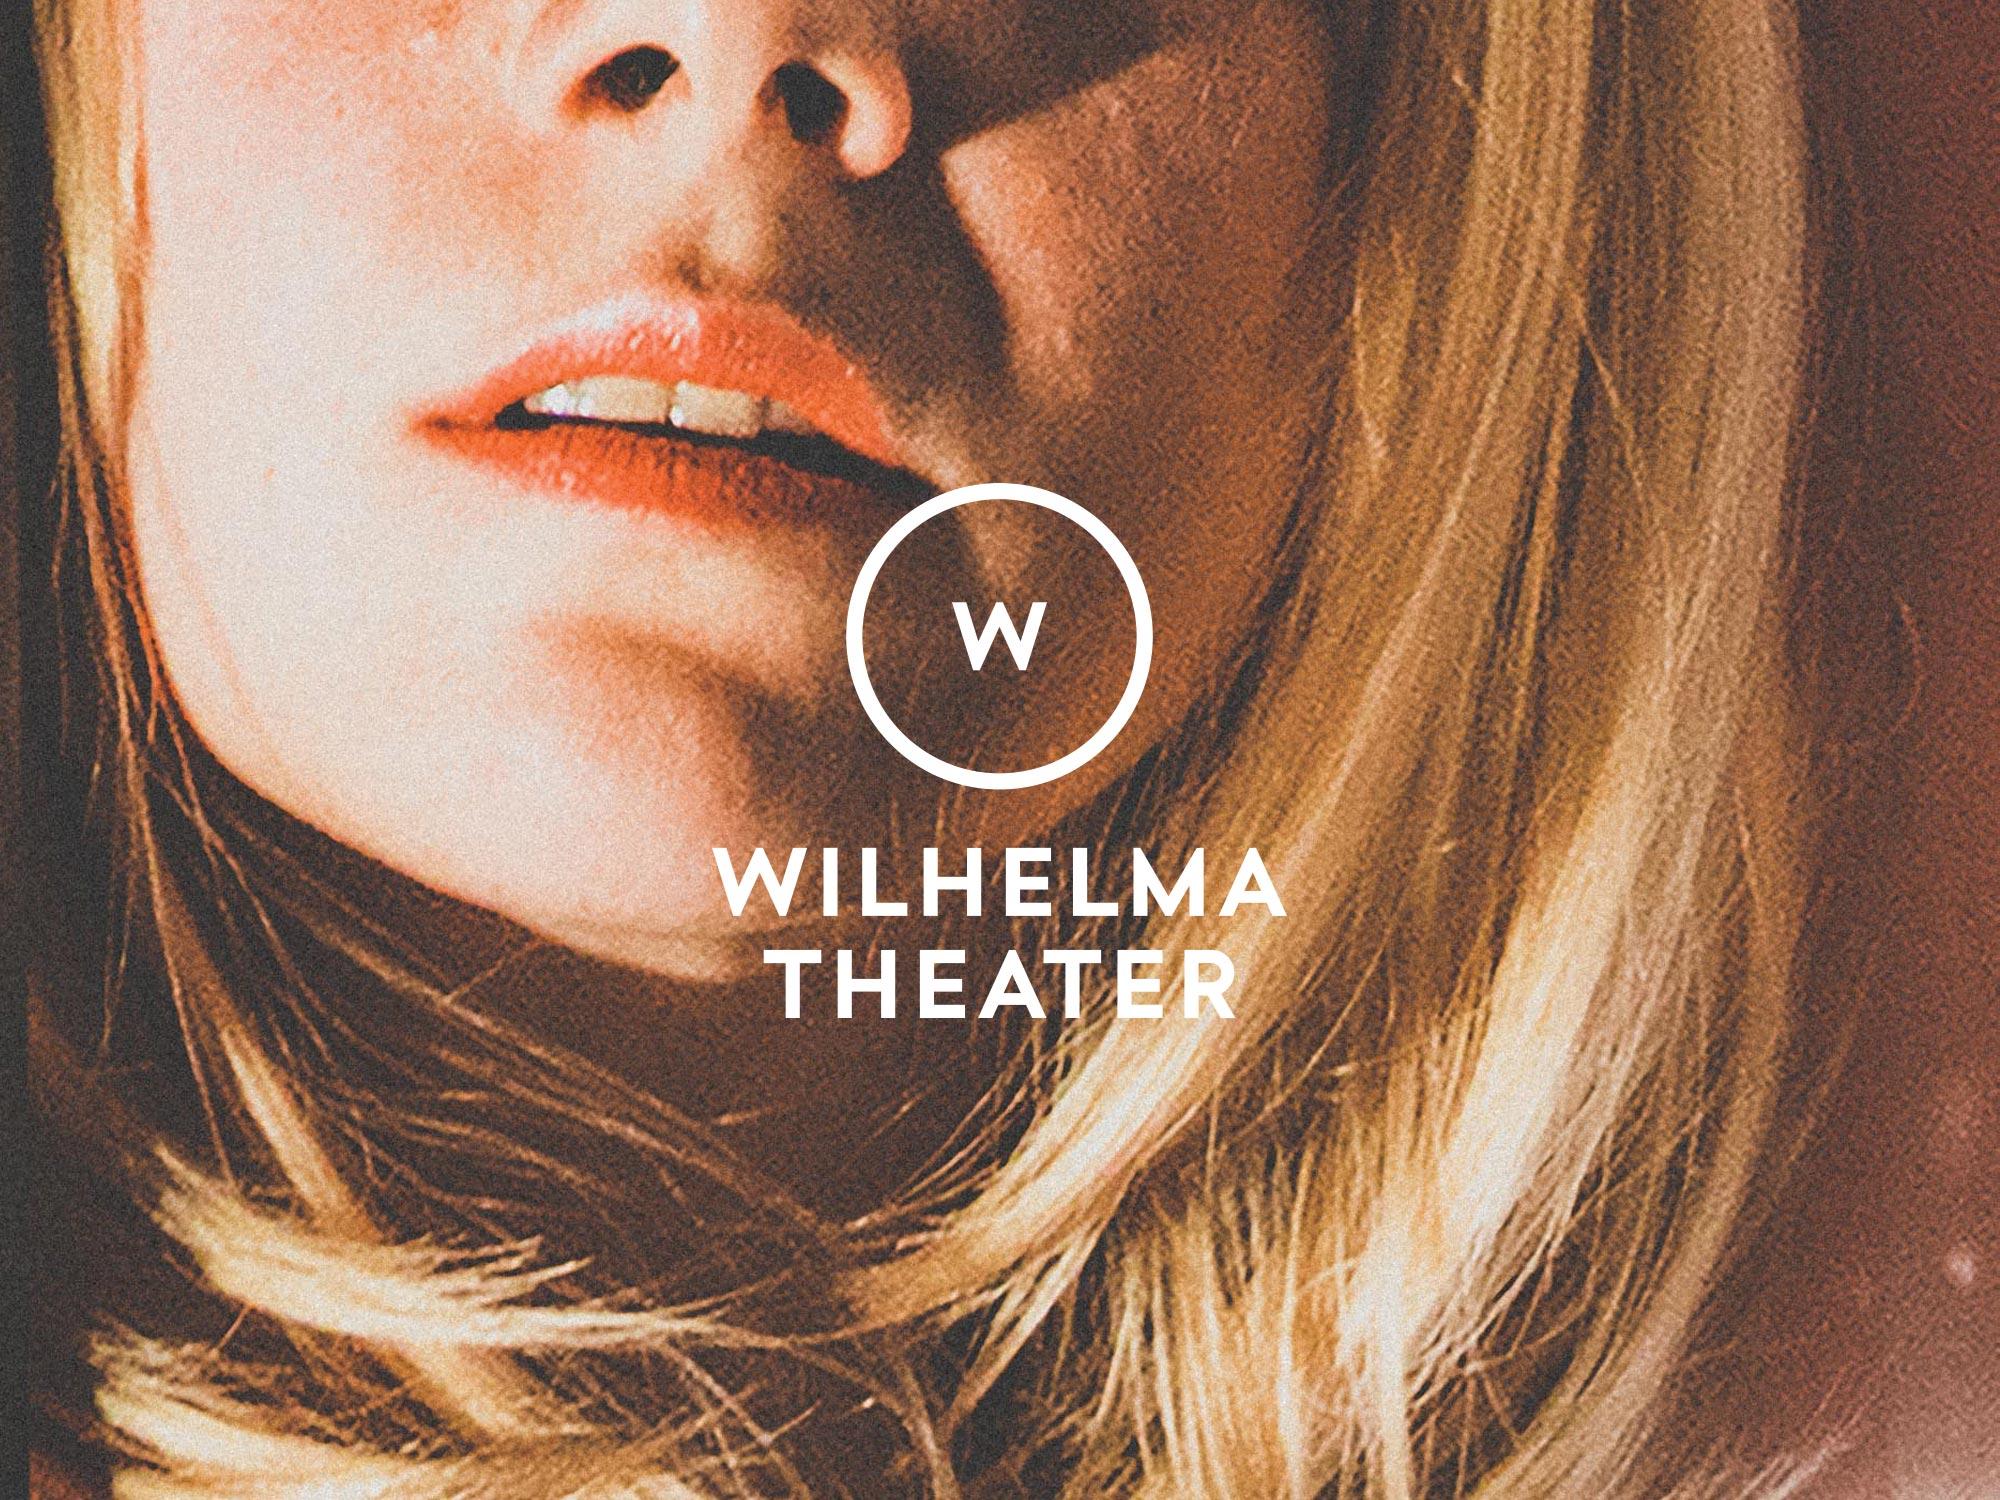 Man sieht ein Plakat für das Wilhelma Theater Stuttgart. Zu sehen ist die untere Hälfte eines Frauengesichtes, der Fokus liegt auf Mund und sinnlichen Lippen. Das neue Logo des Wilhelma Theaters liegt mittig über dem Gesicht. Das Design ist von MAJORMAJOR.